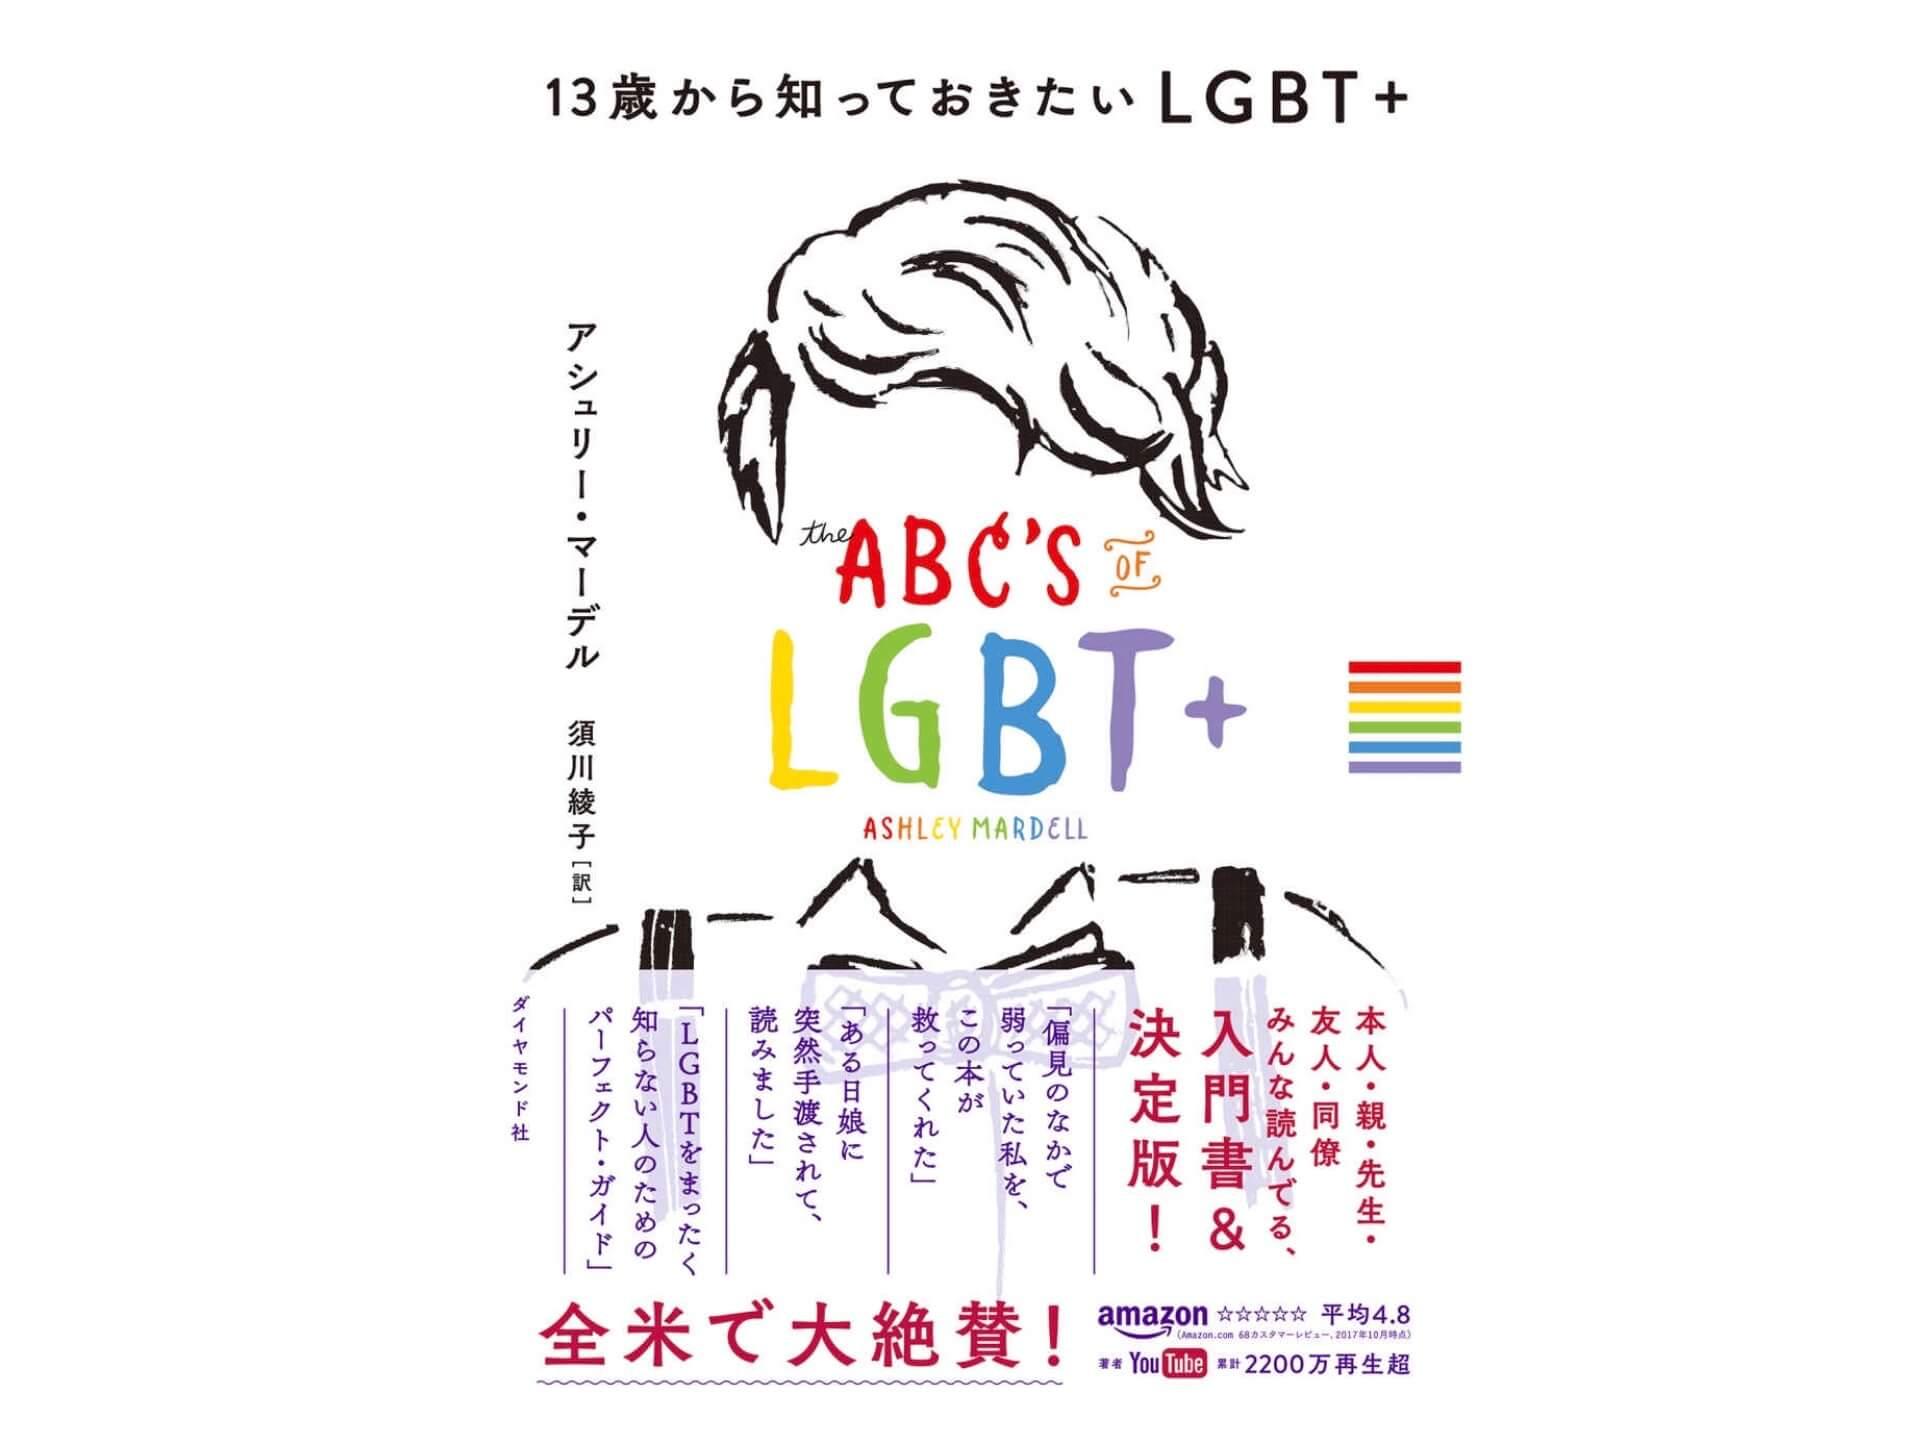 LGBT+の用語、あなたはどれくらい理解してますか?